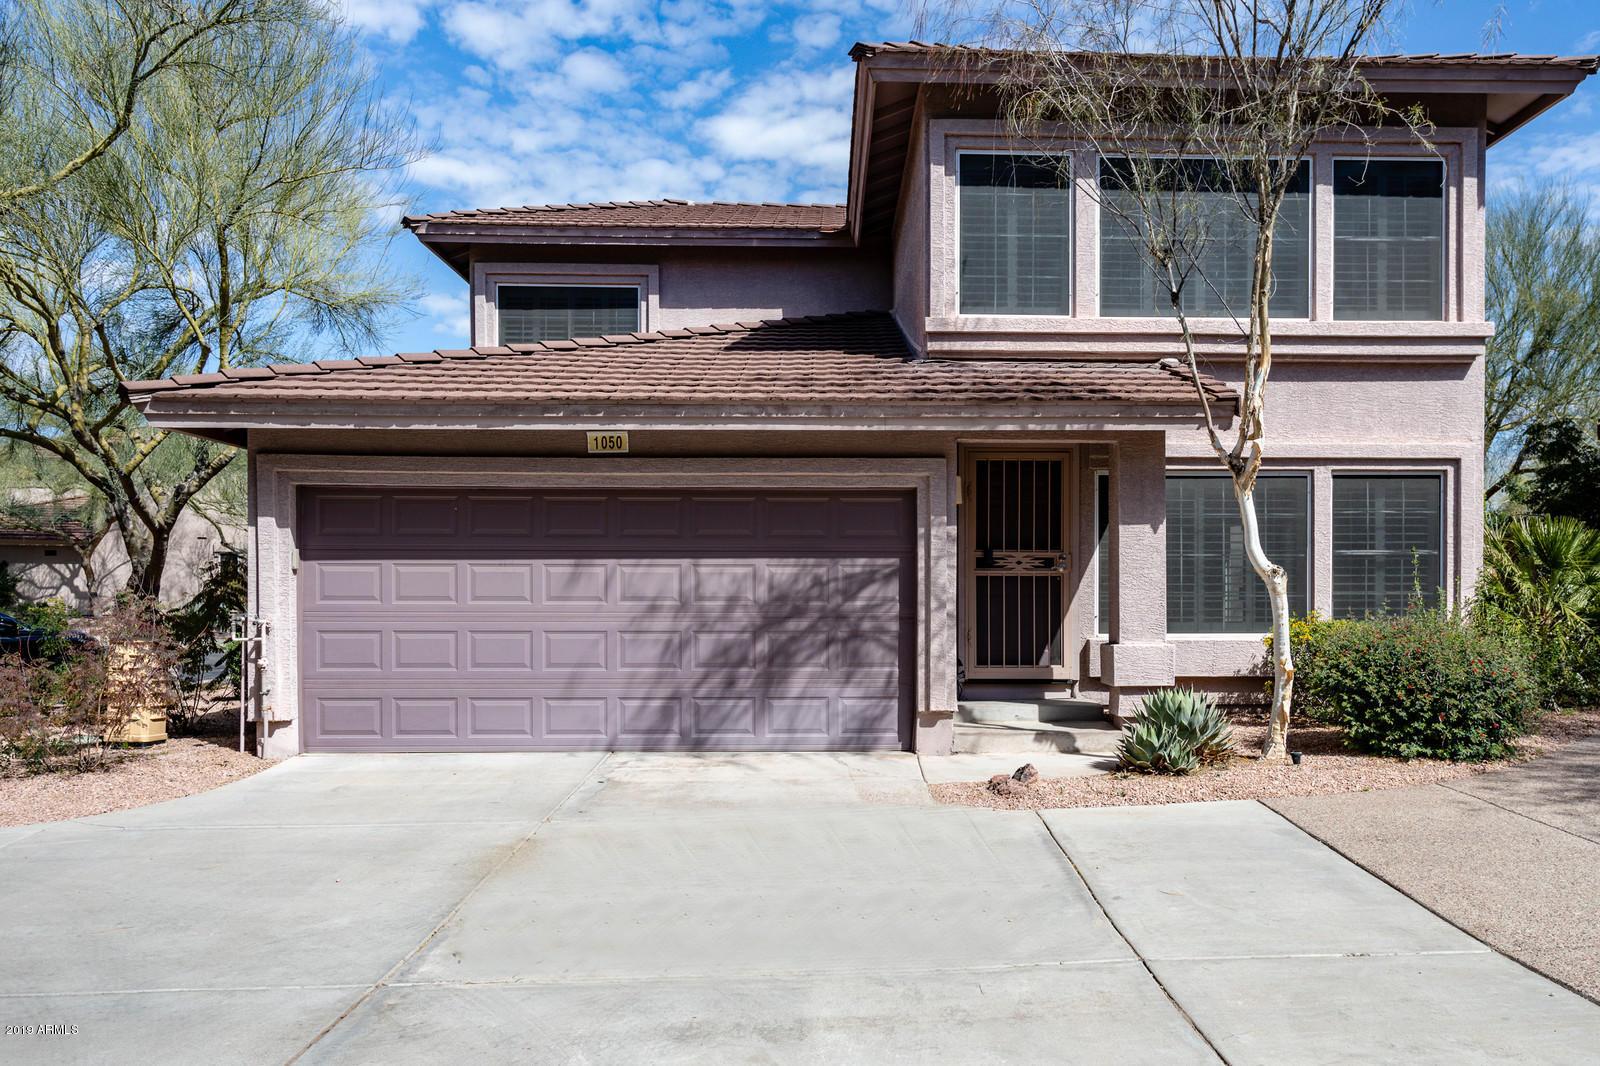 Photo of 7650 E WILLIAMS Drive #1050, Scottsdale, AZ 85255